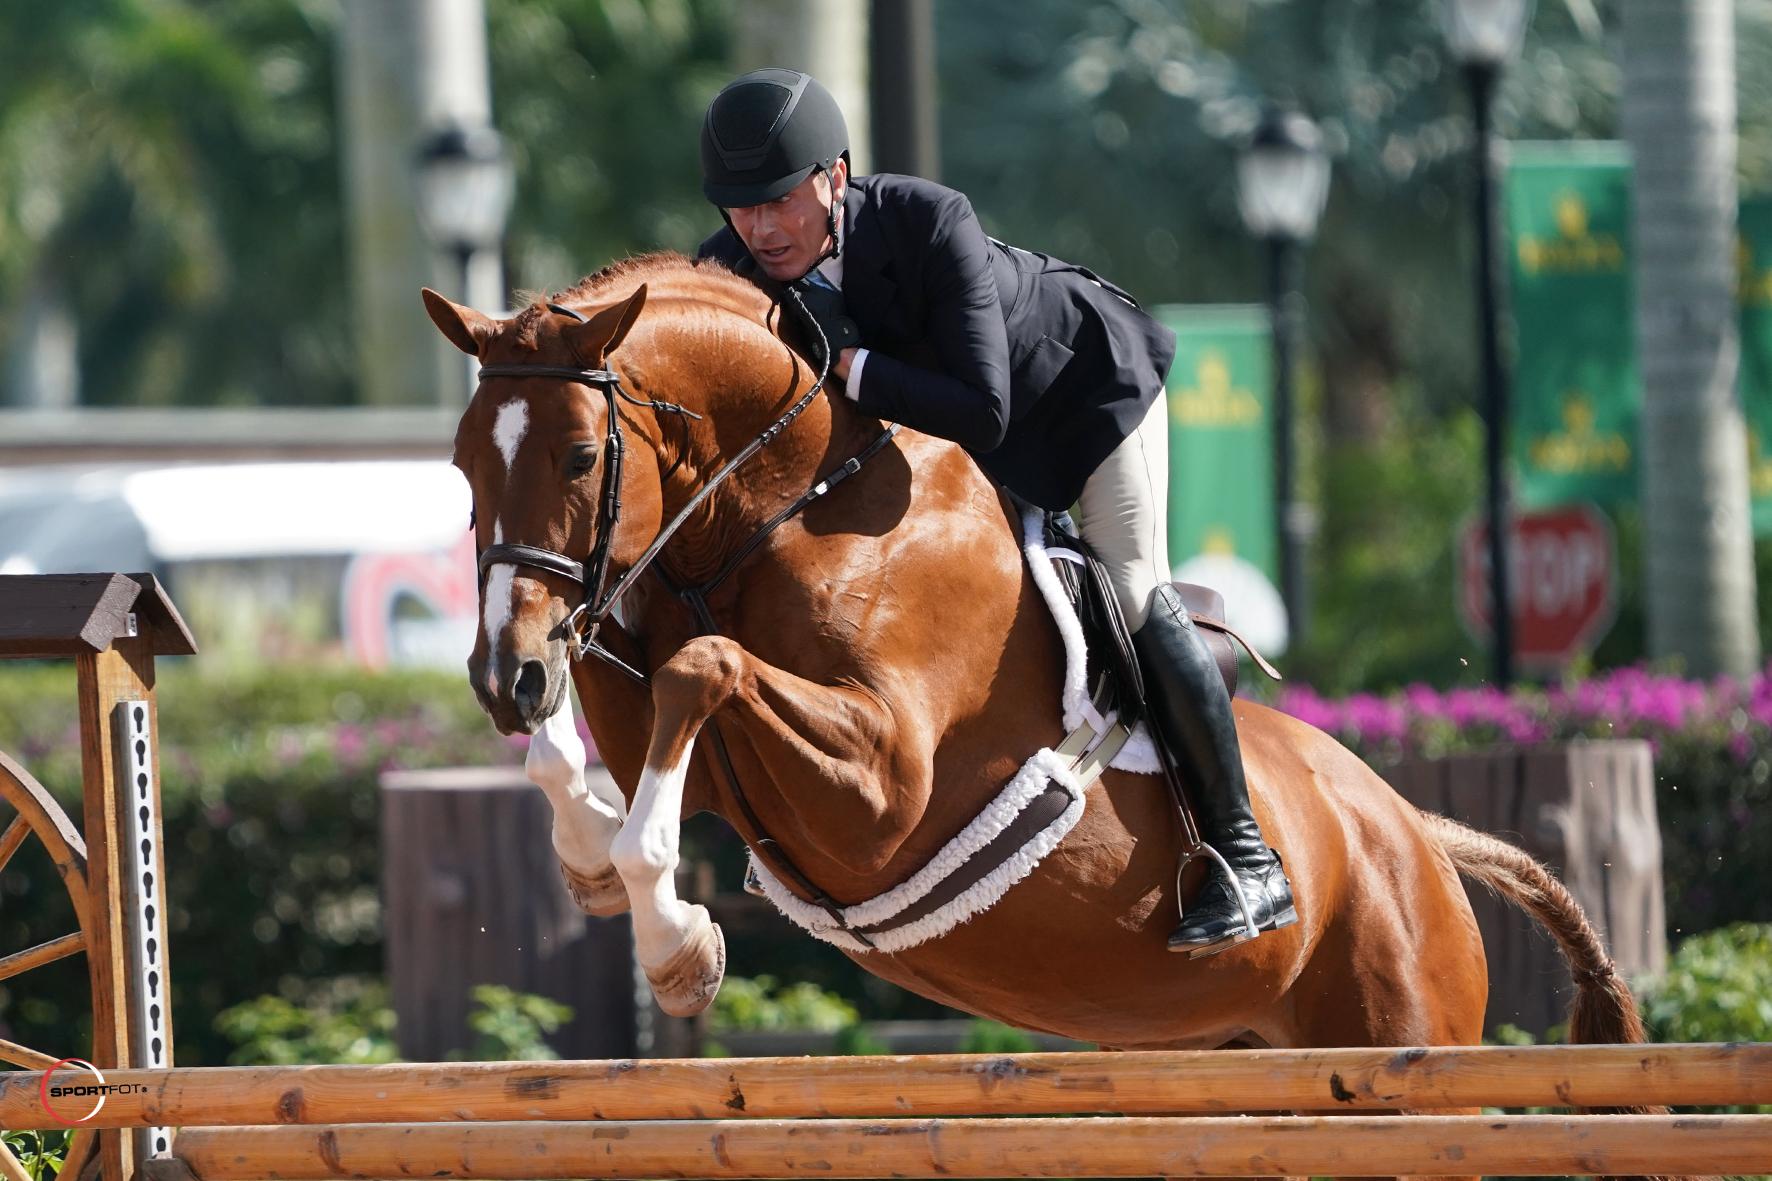 Scott Stewart and Everwonder by Sportfot 499_8218